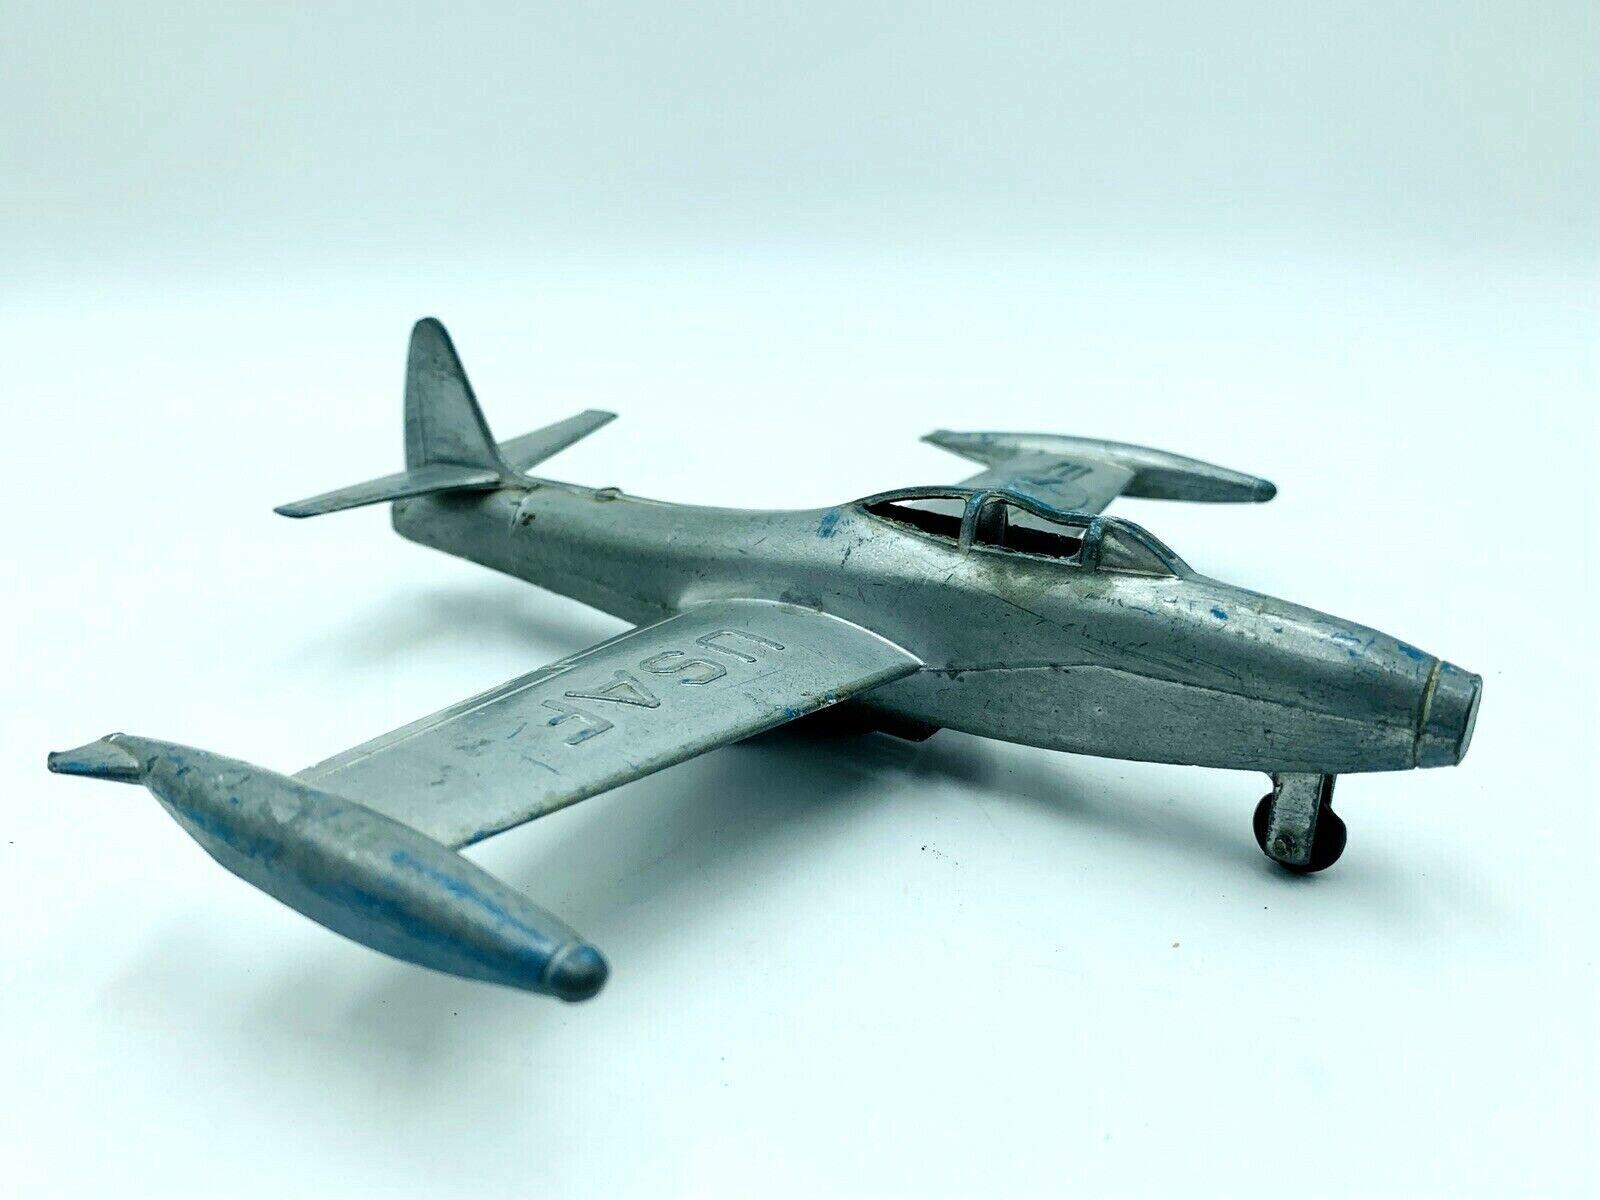 Vintage Rare 1950s Diecast Republic F84-6 Sabrejet Informational Fighter Jet Toy